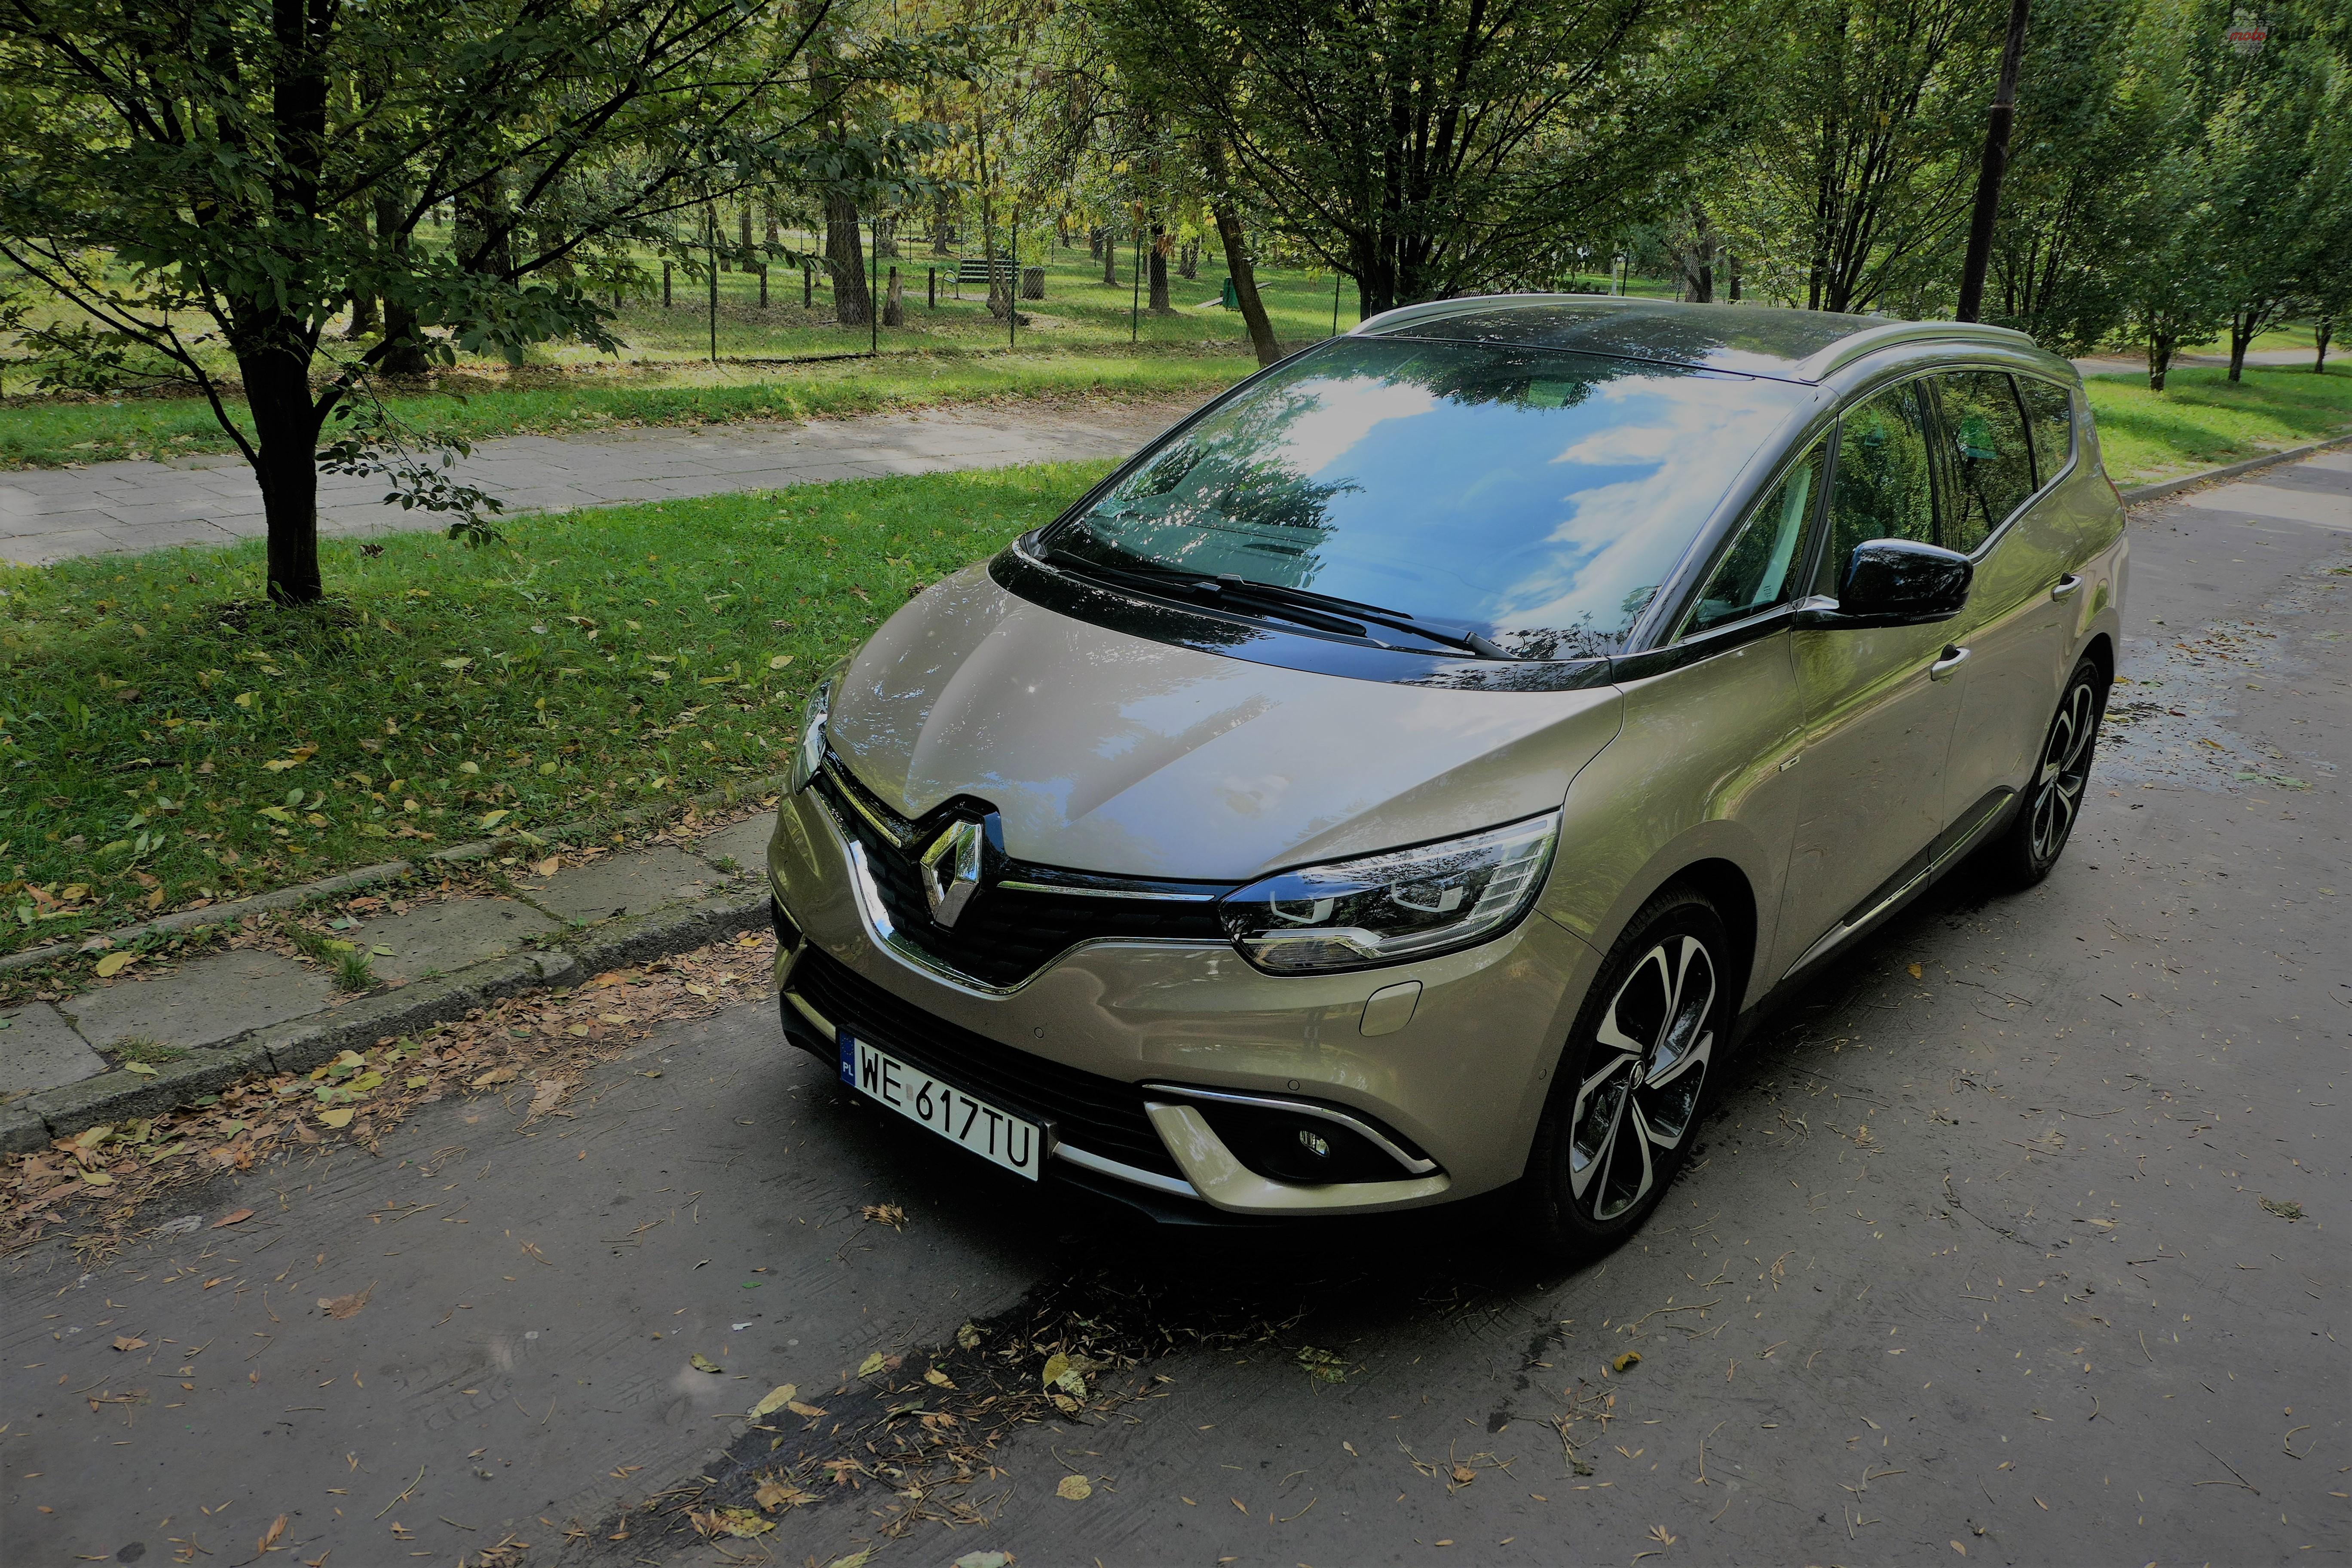 Renault Grand Scenic 15 Test: Renault Grand Scenic 1,3 tCe   wielki tylko ciałem